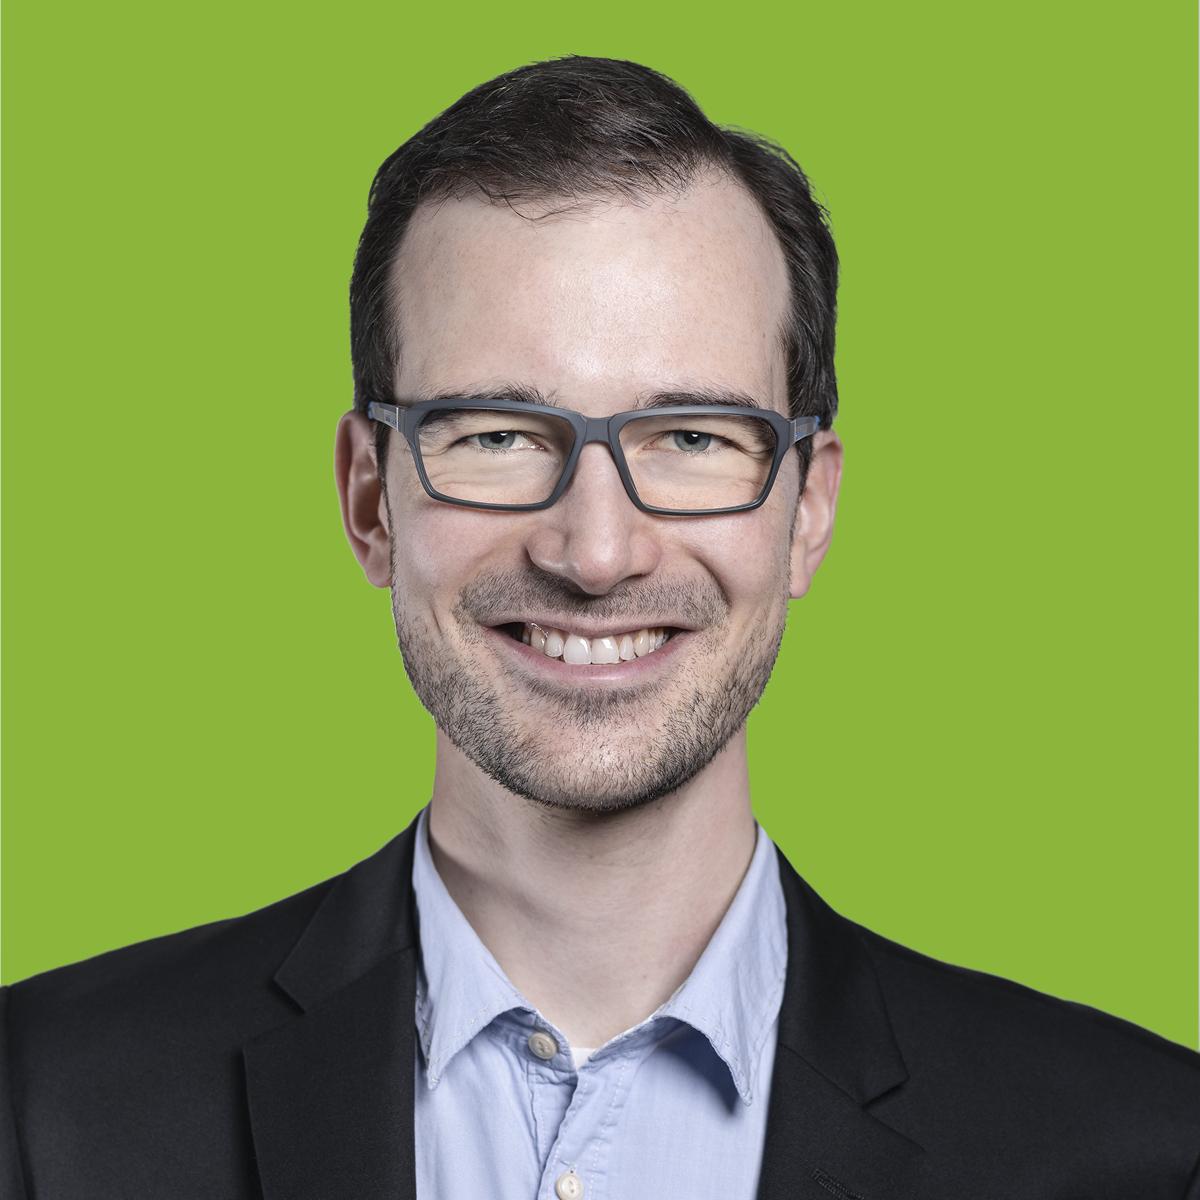 Fabian Schlaich